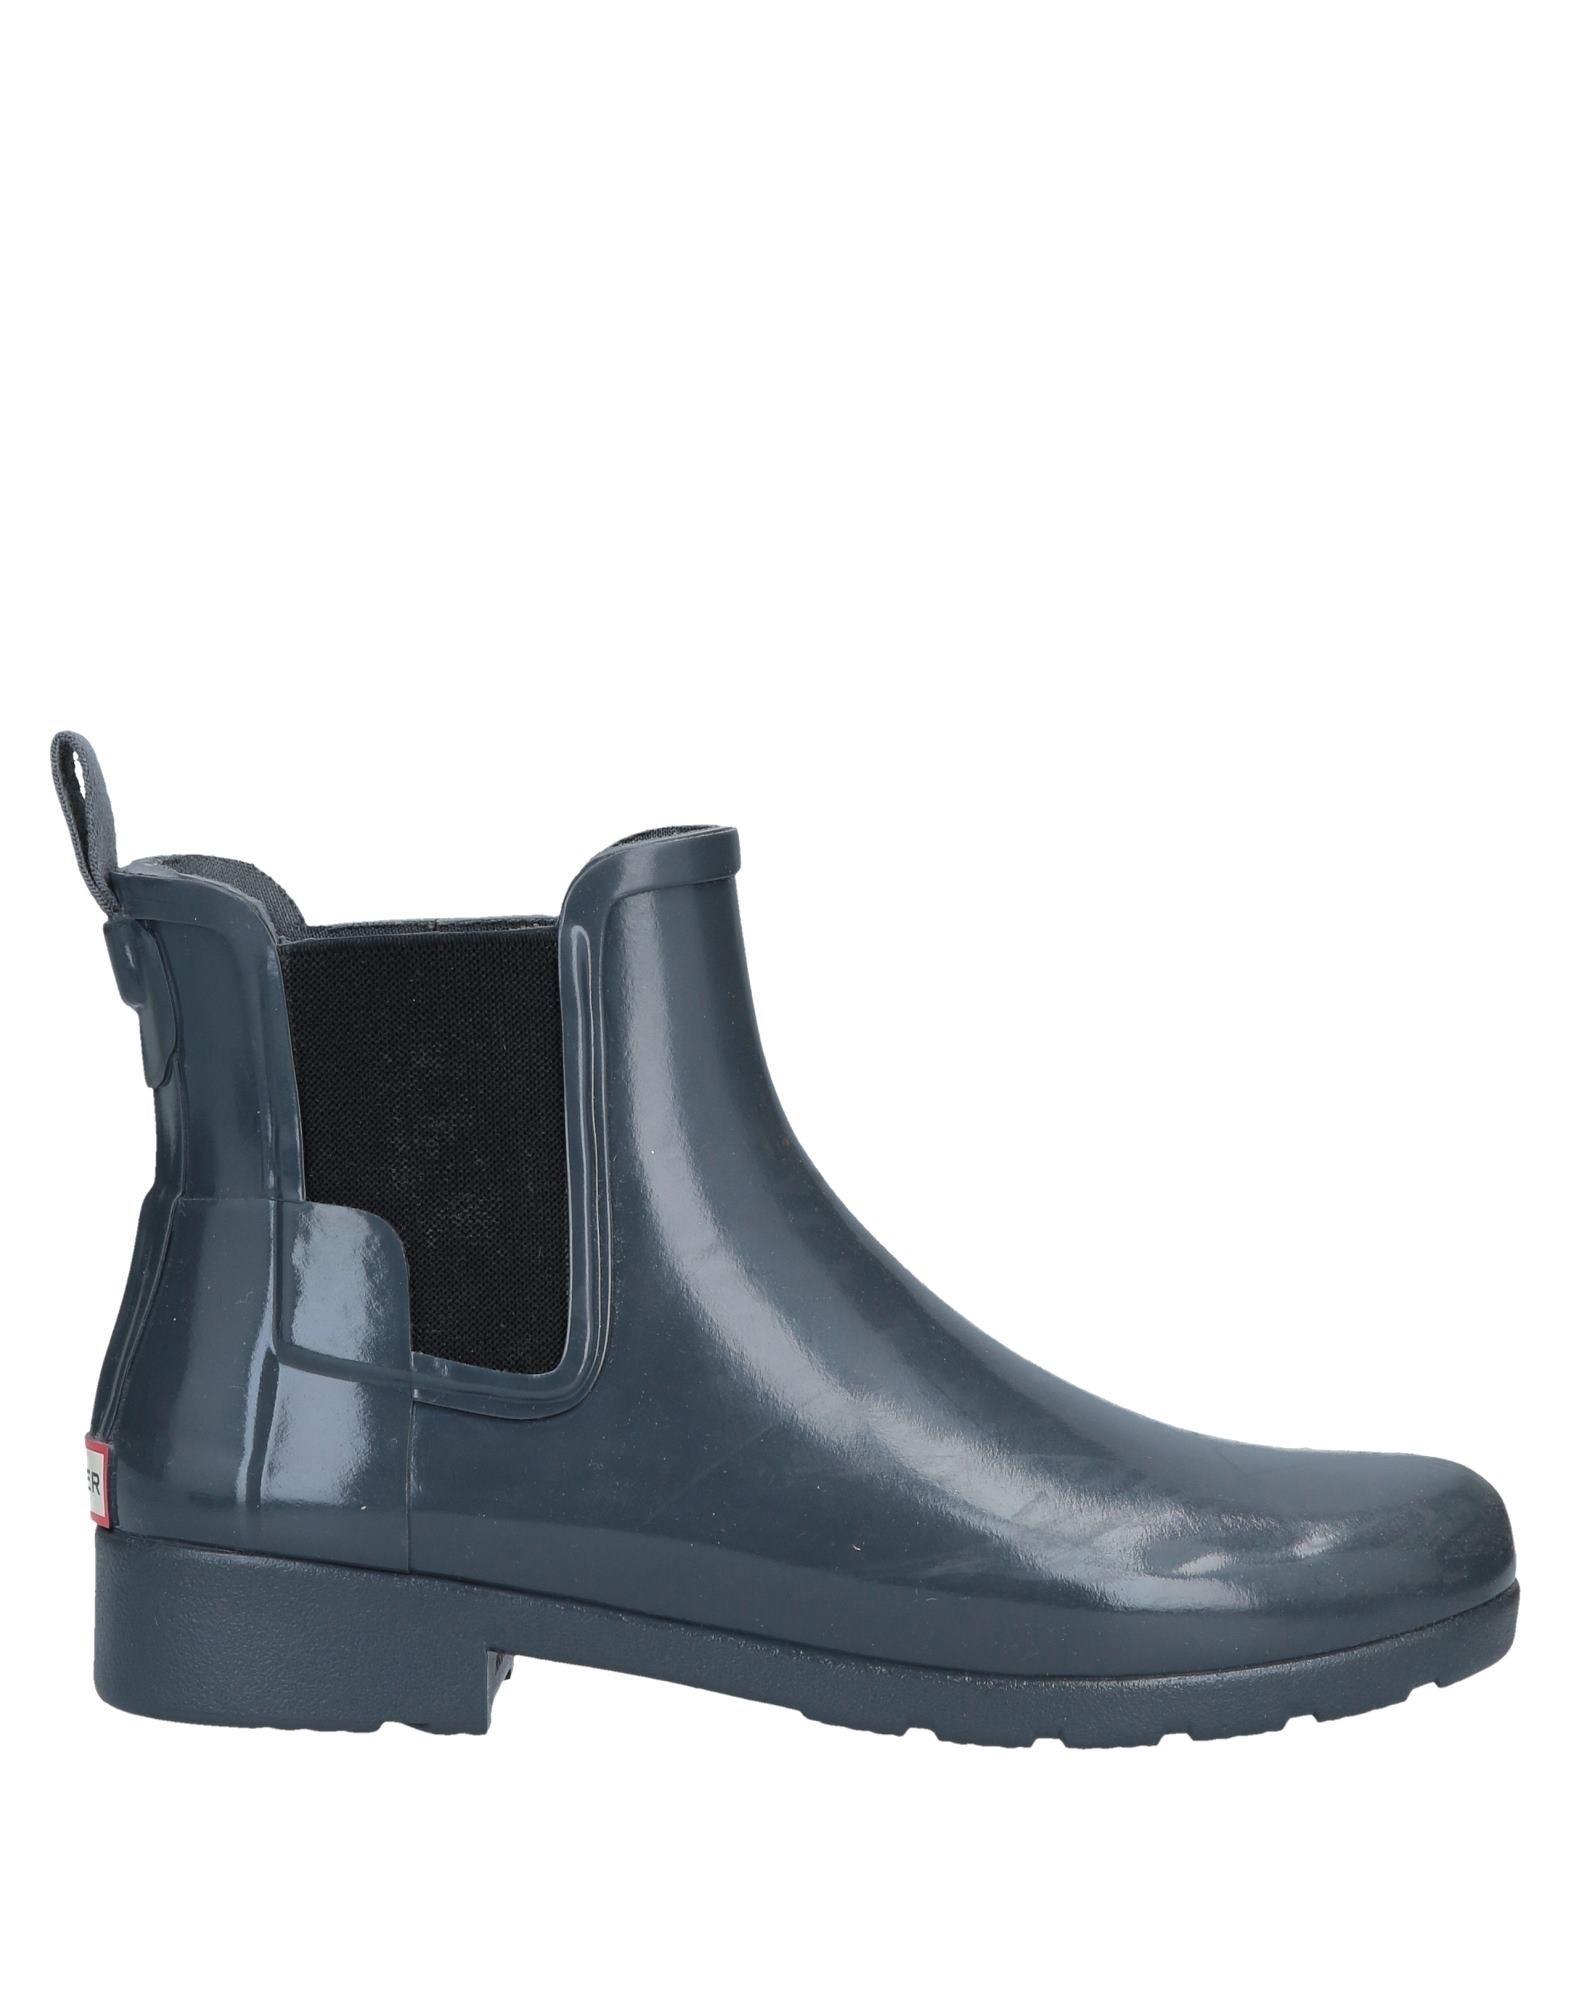 HUNTER Полусапоги и высокие ботинки joyks полусапоги и высокие ботинки